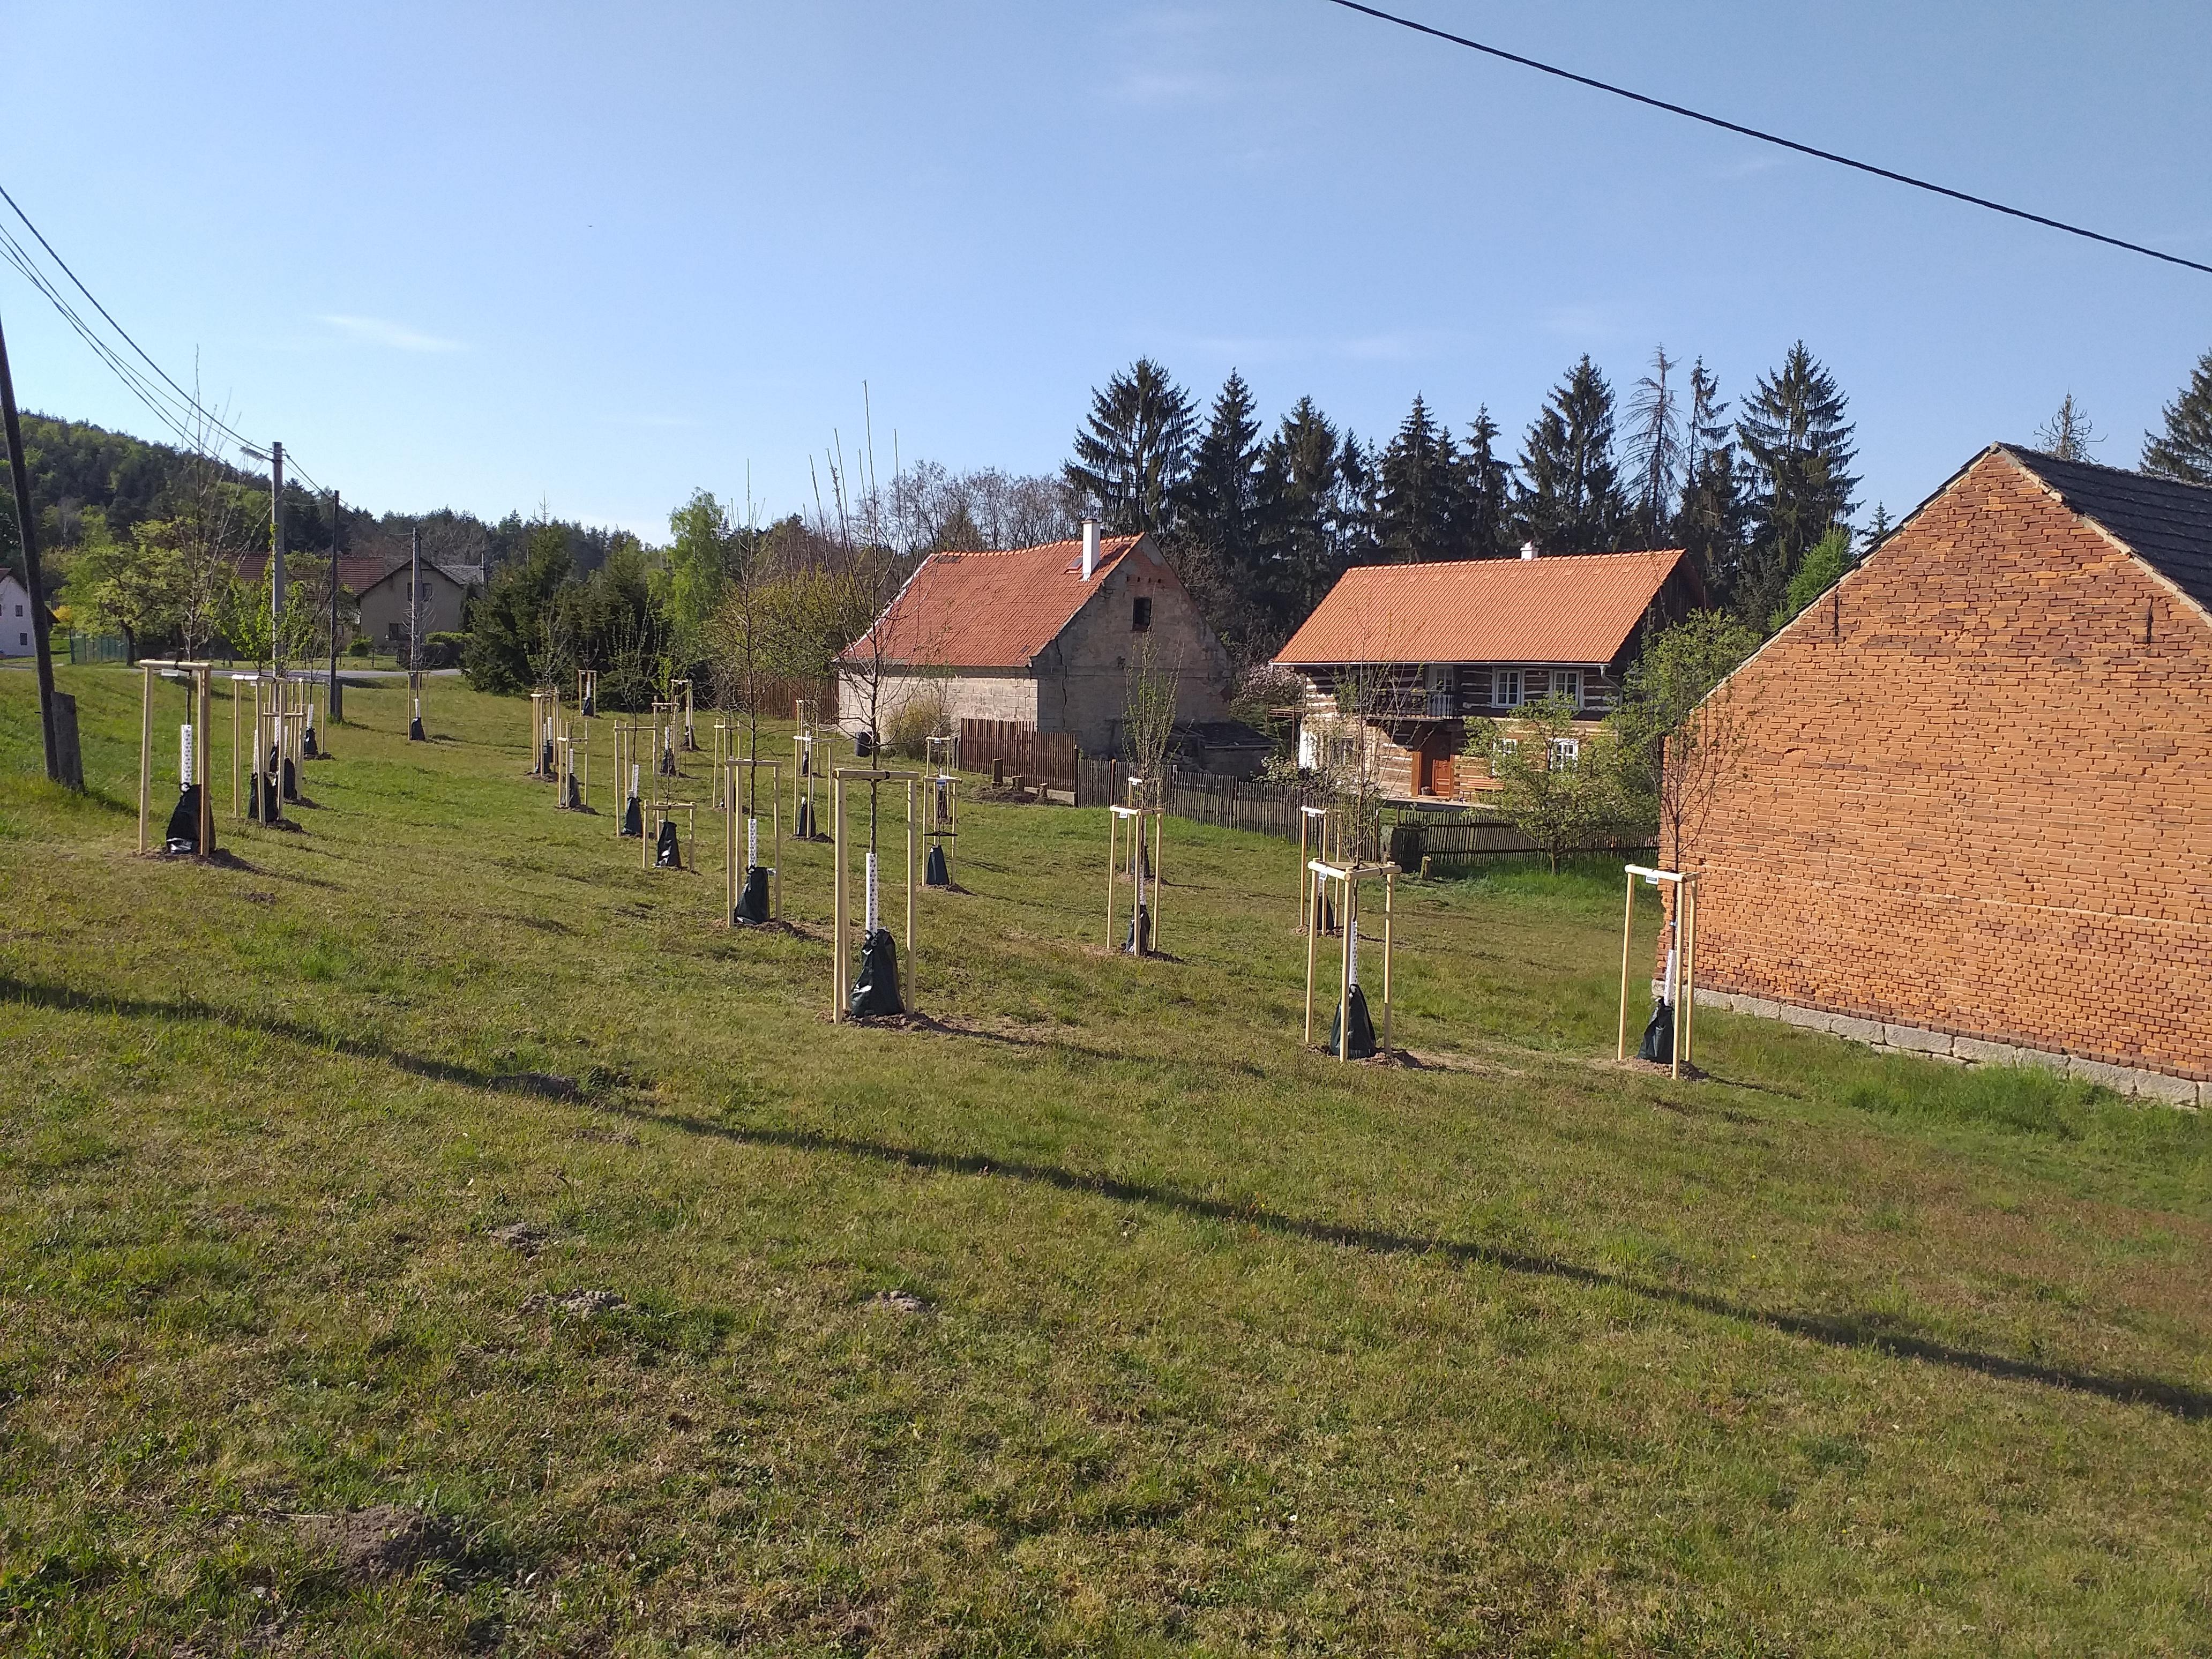 Fotografie Obecního ovocného sadu-Sázení stromů (25.04.2020) v Nosálově - dotace SFŽP